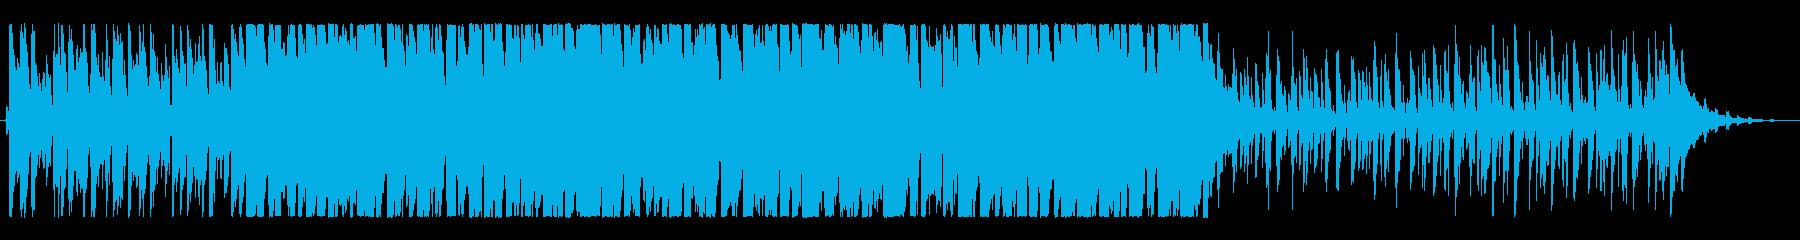 強力なリズムセクションを備えたラテ...の再生済みの波形